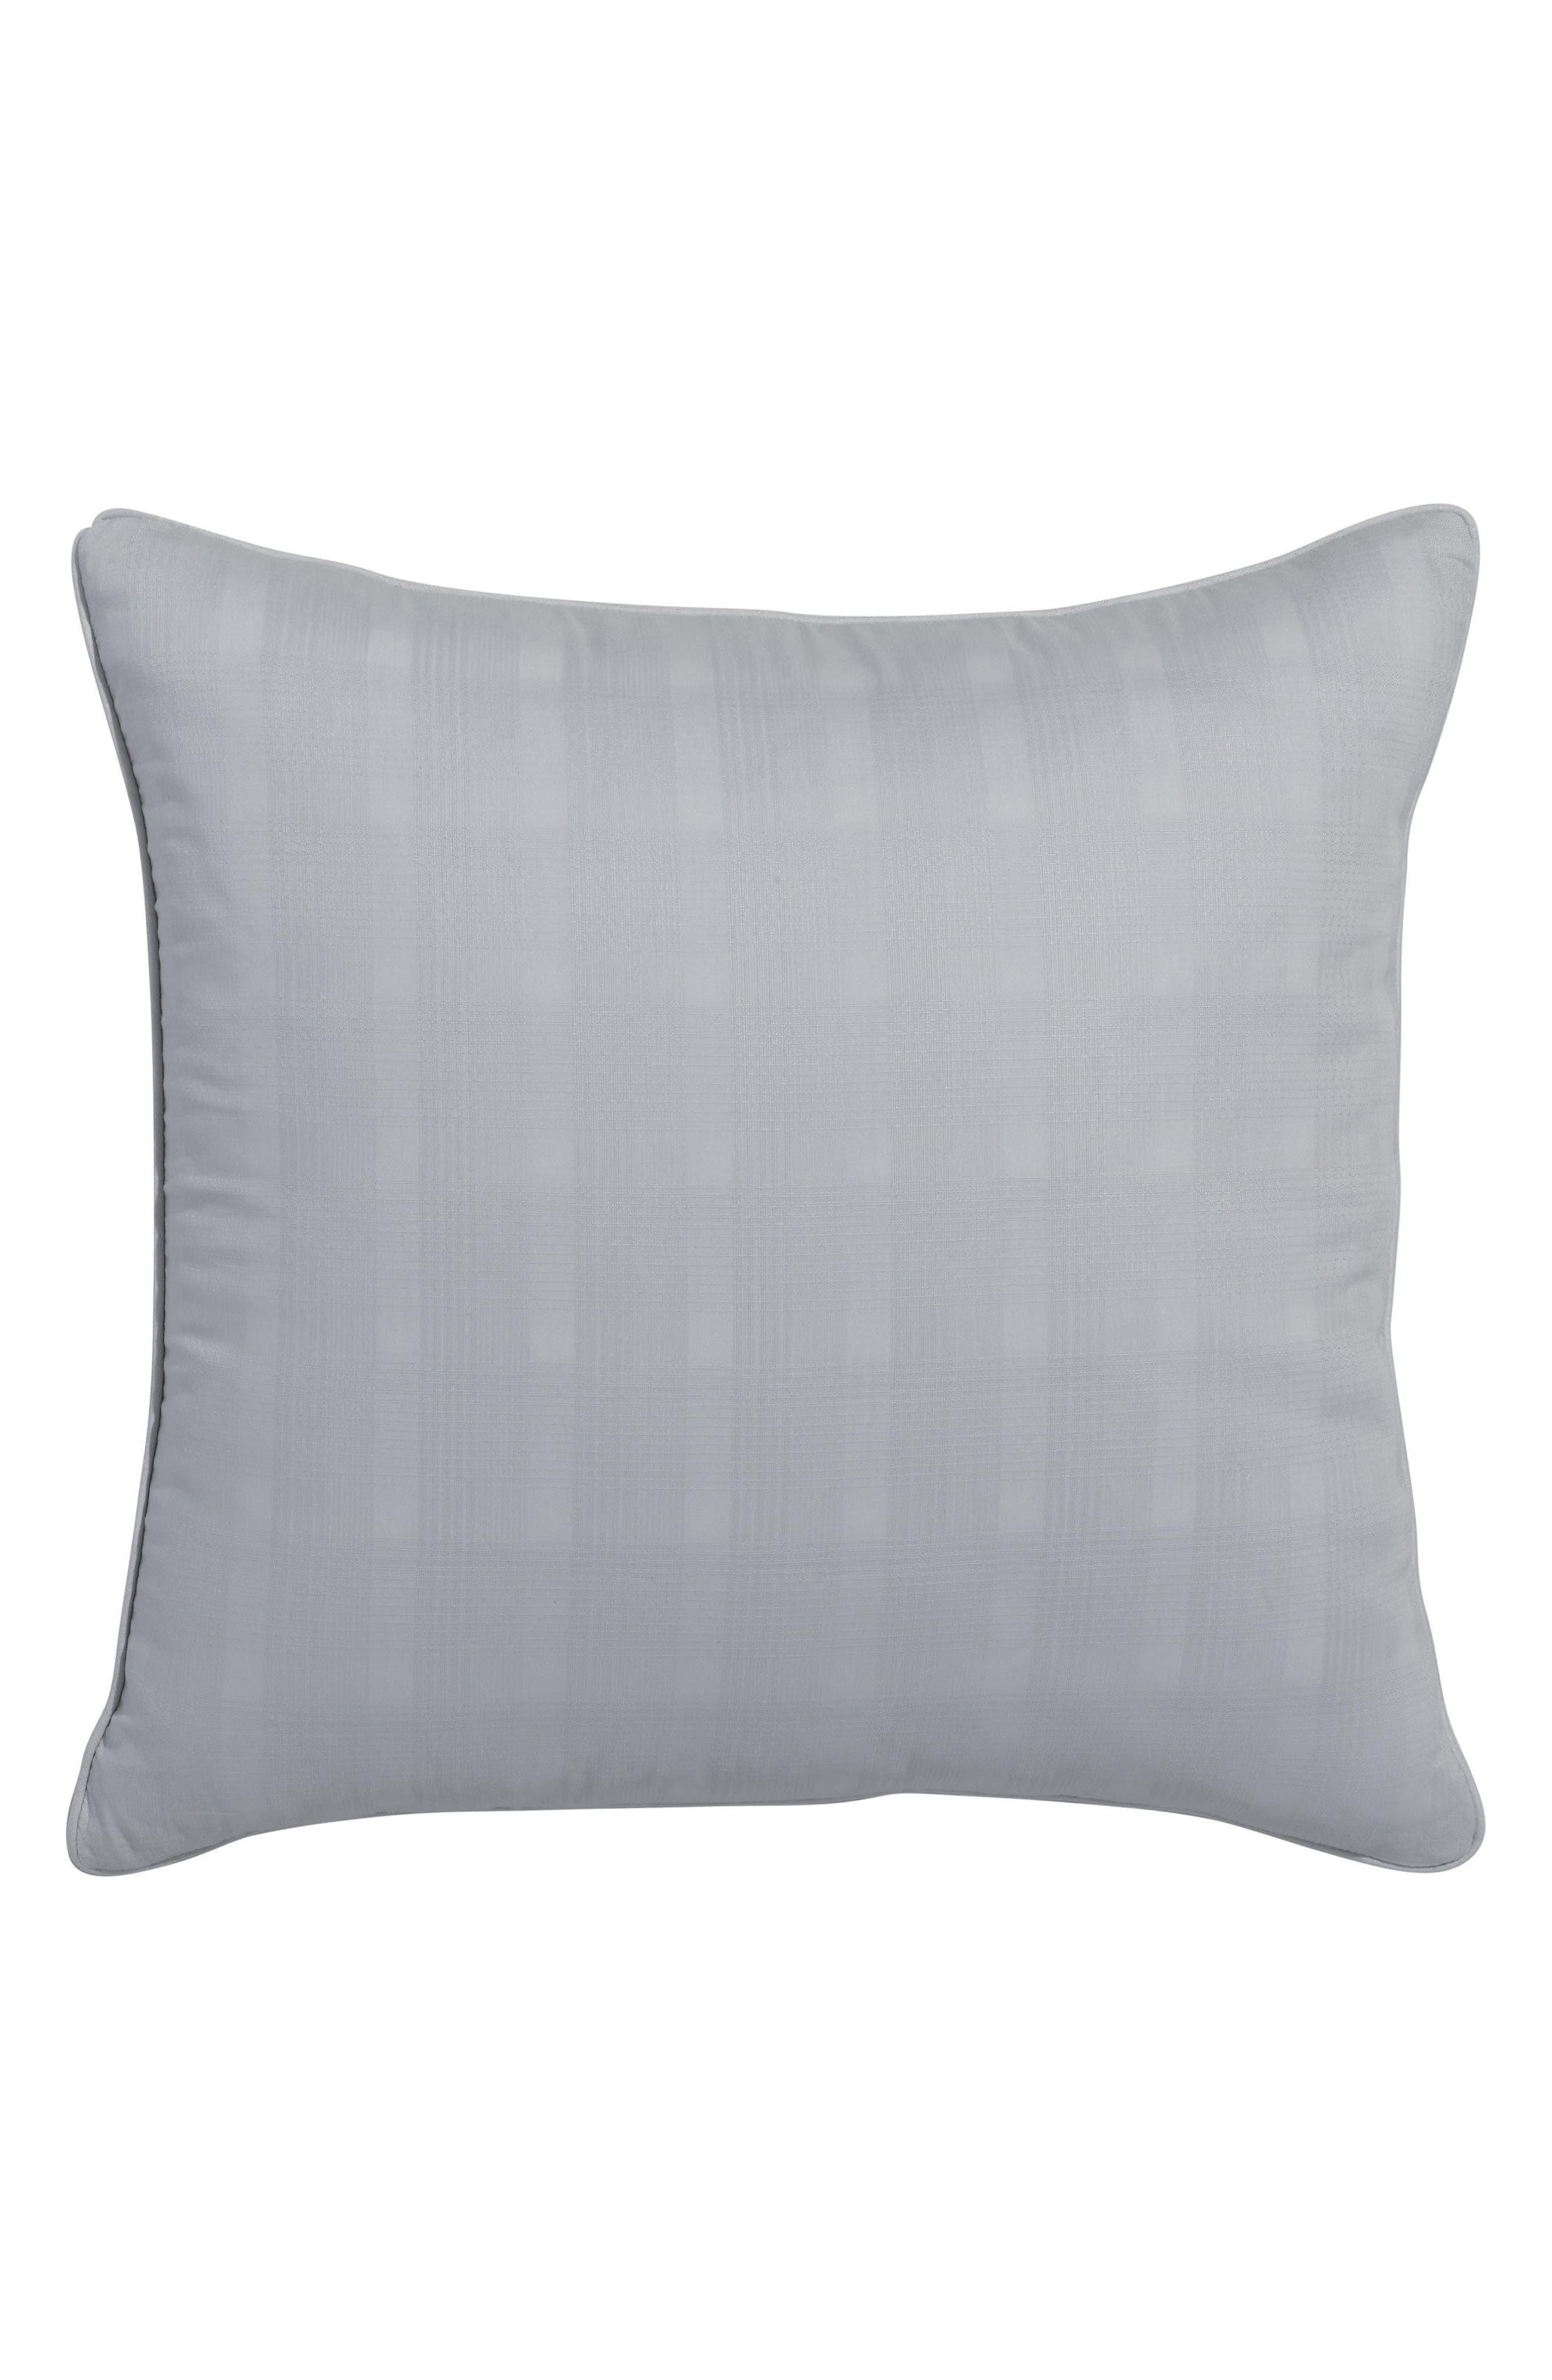 Glacier Bay Plaid Accent Pillow,                             Main thumbnail 1, color,